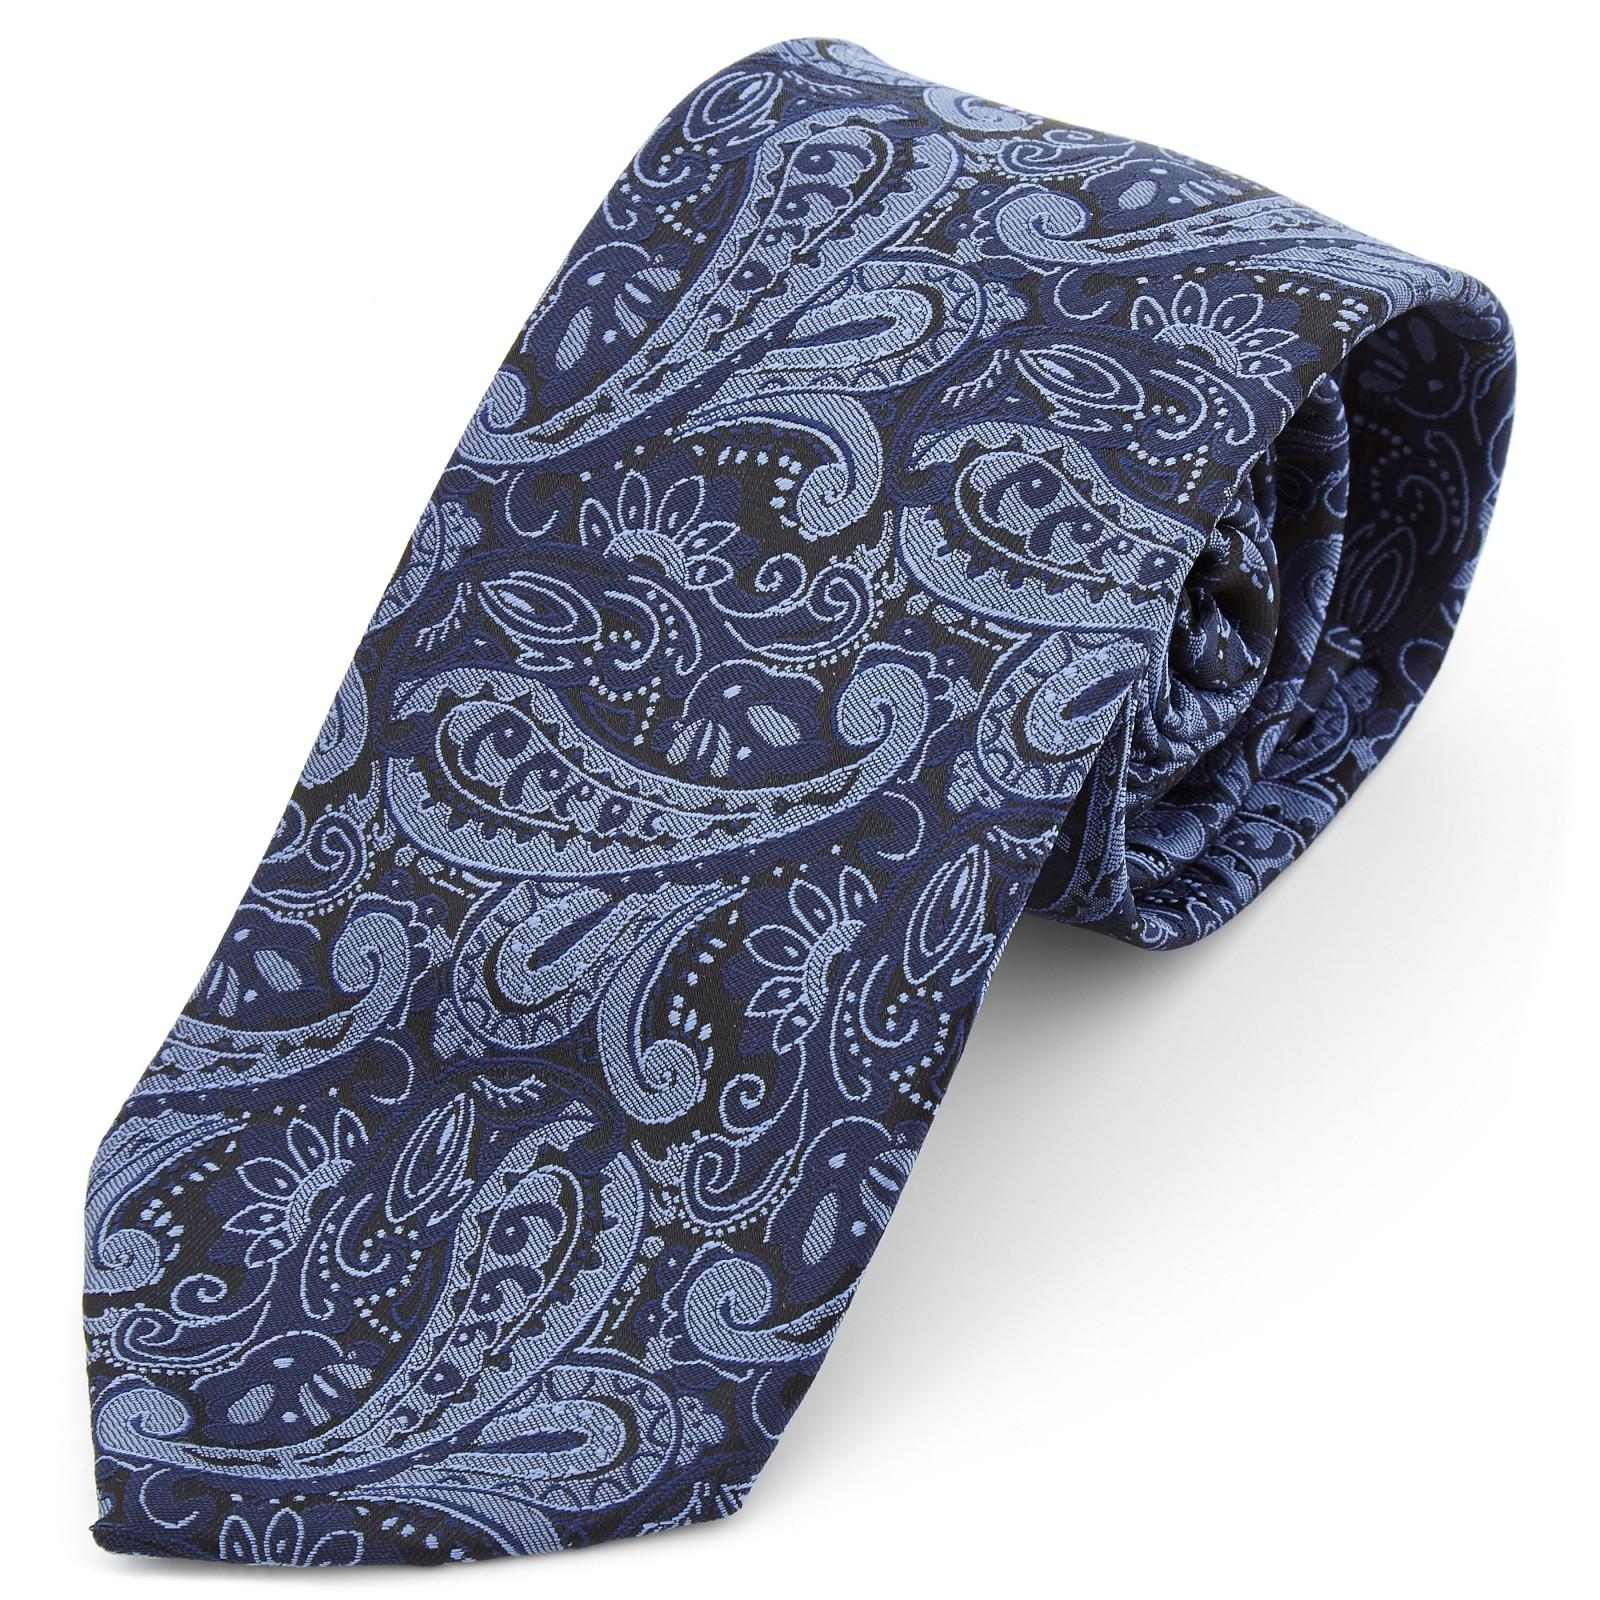 corbata-ancha-de-poliester-con-estampado-de-cachemira-azul-trendhim-31